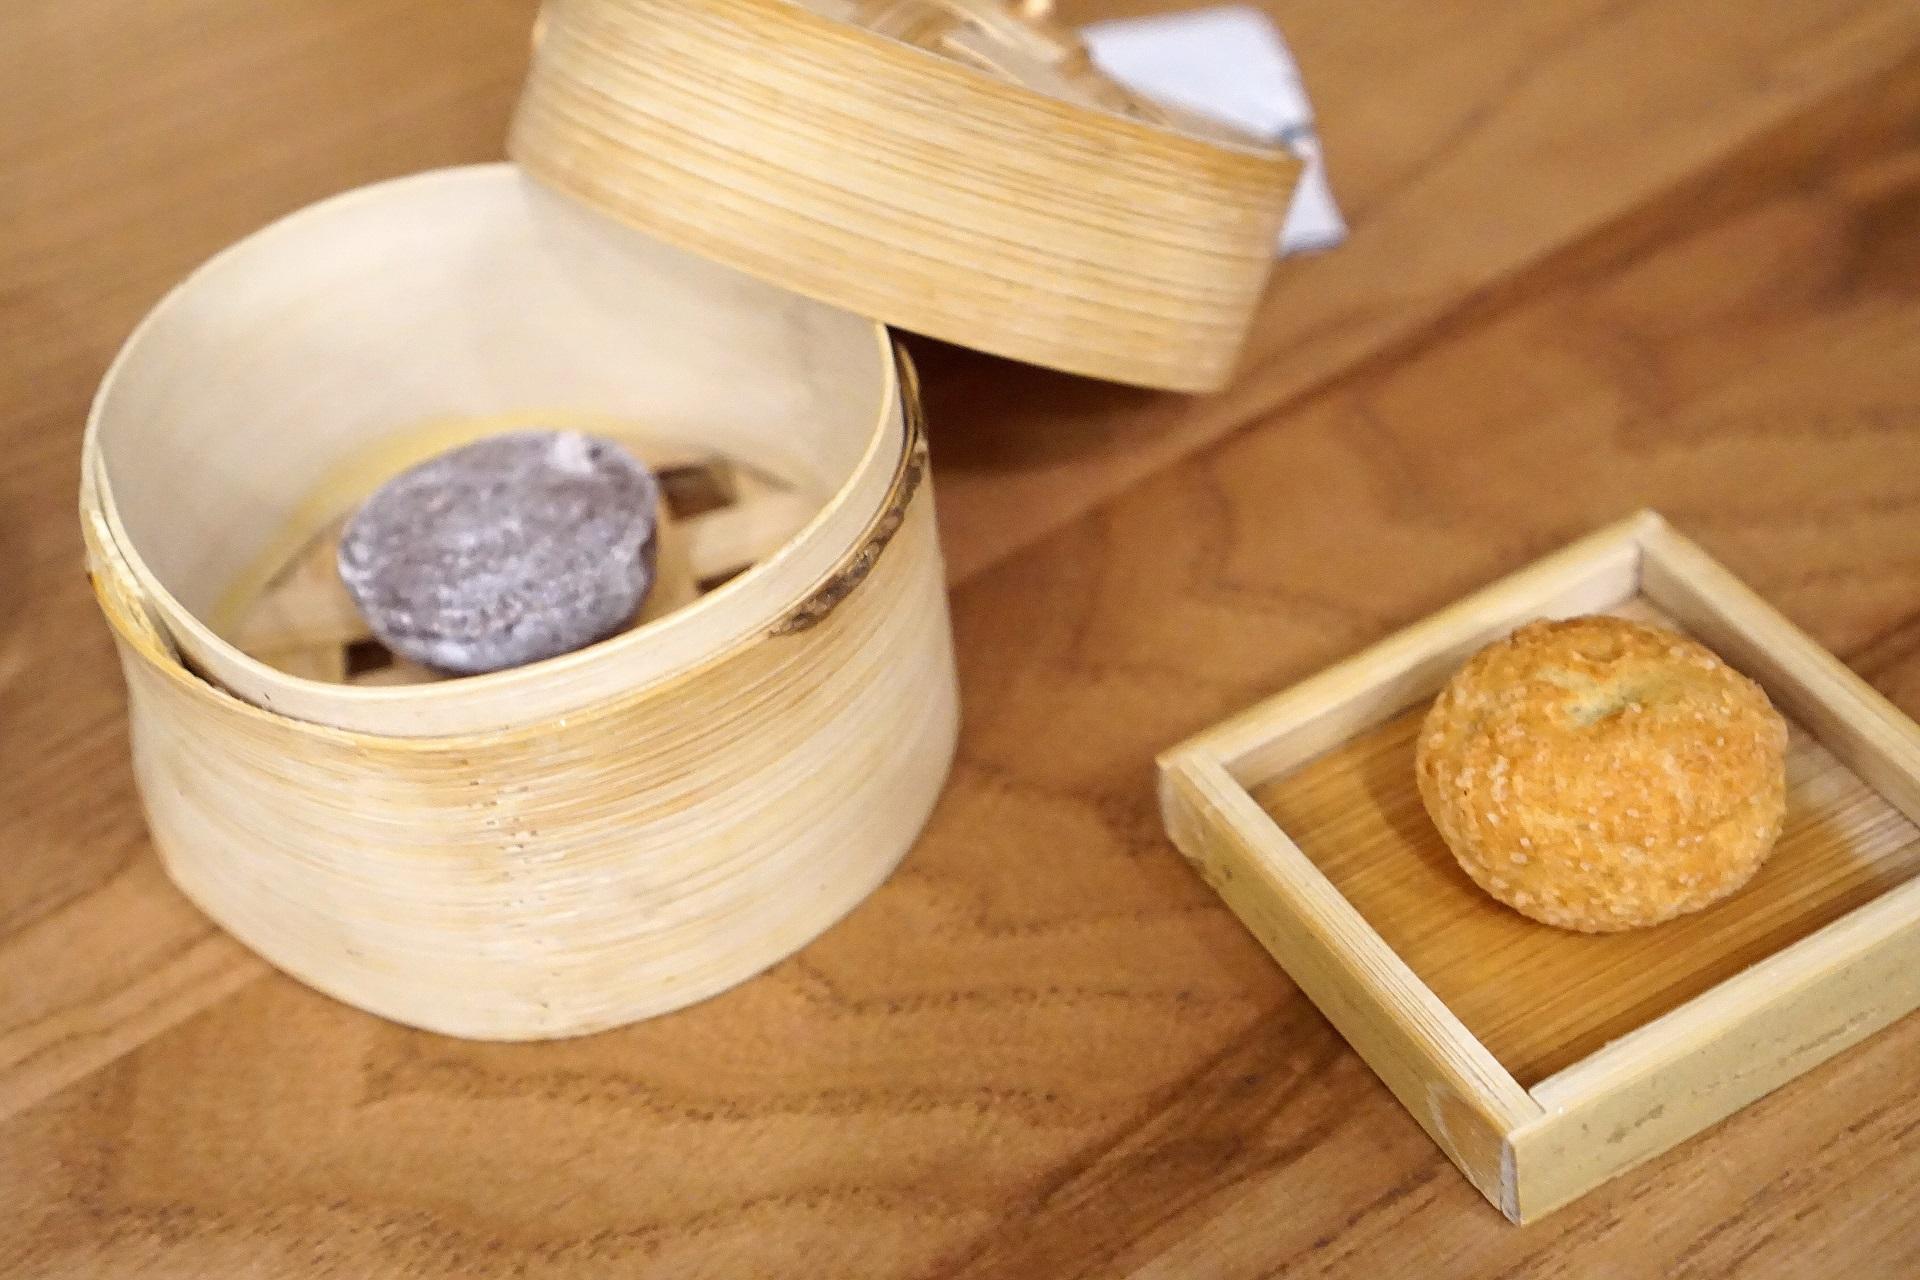 Iannotti, Kresios, dessert